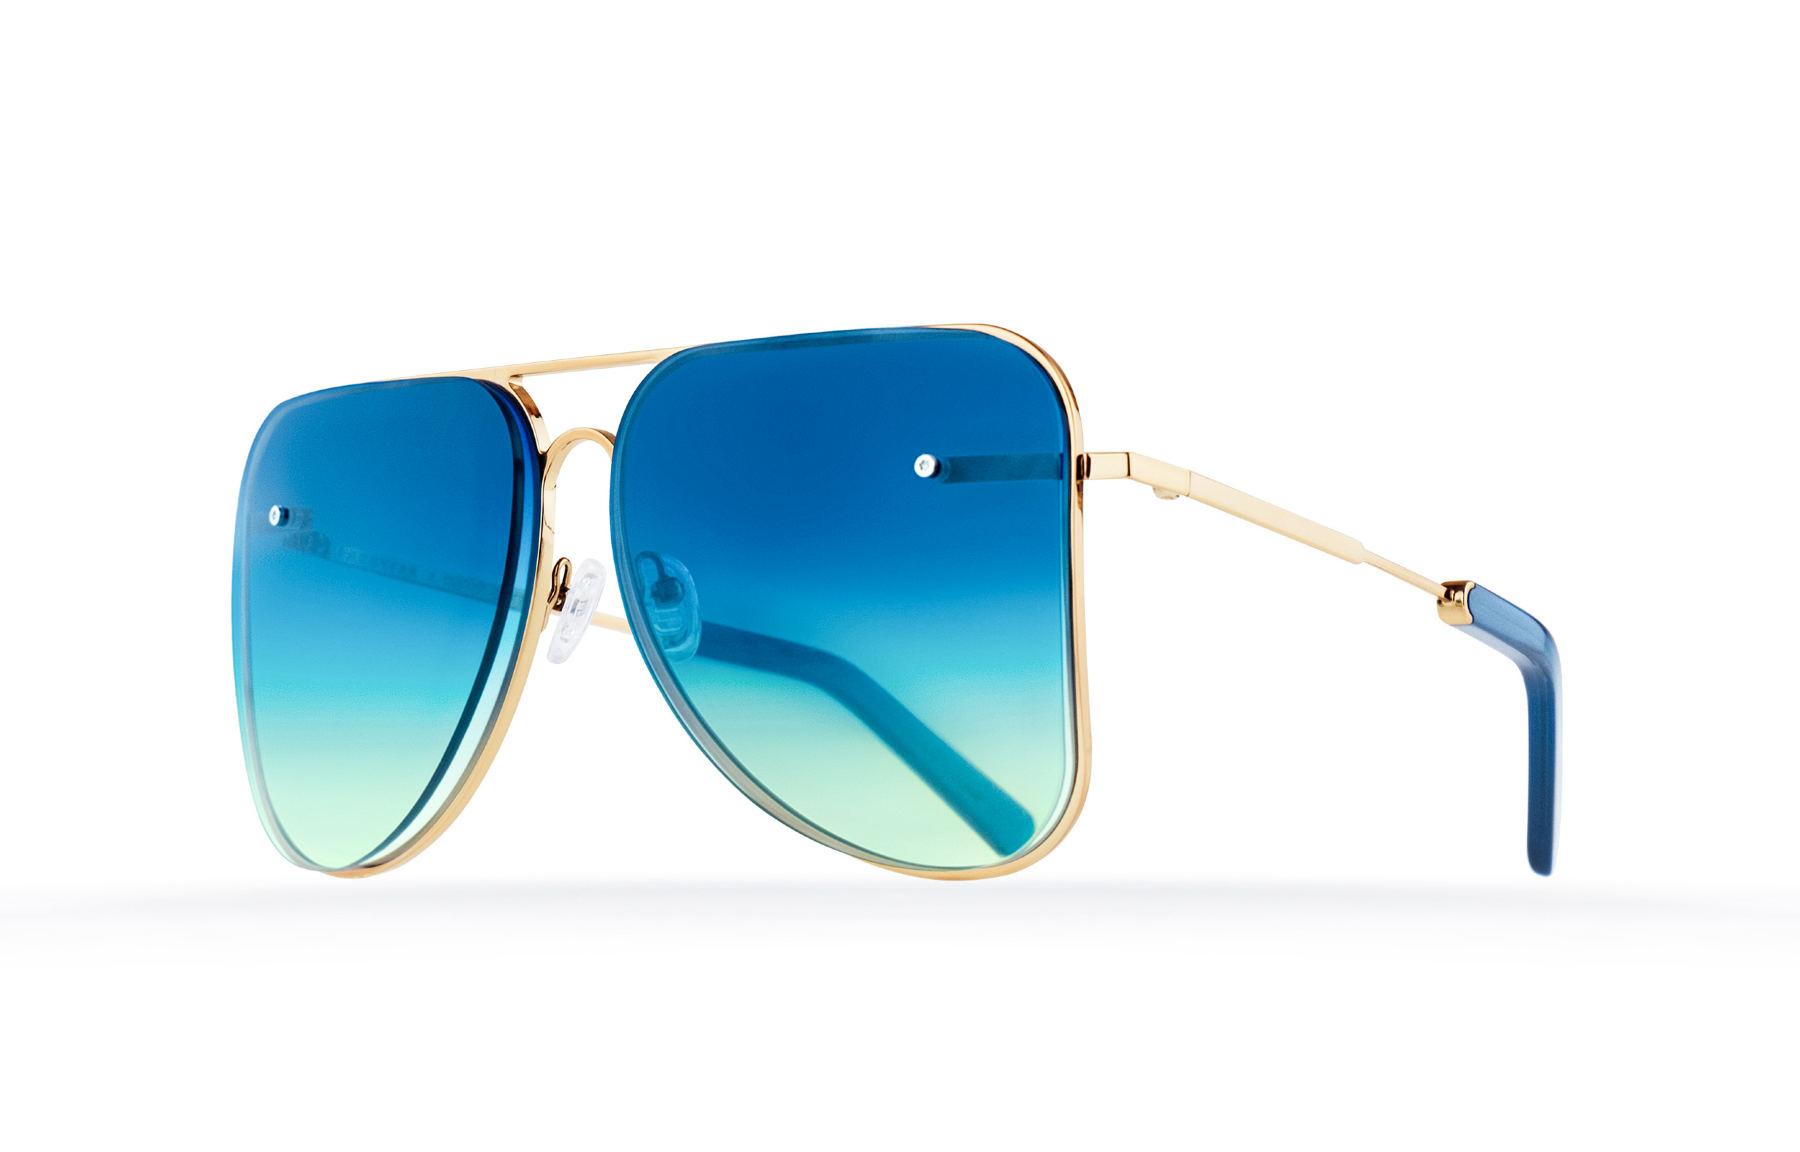 FAKBYFAK  Light blue aviator Model 1. Golden metal frame Code: 07/01/022